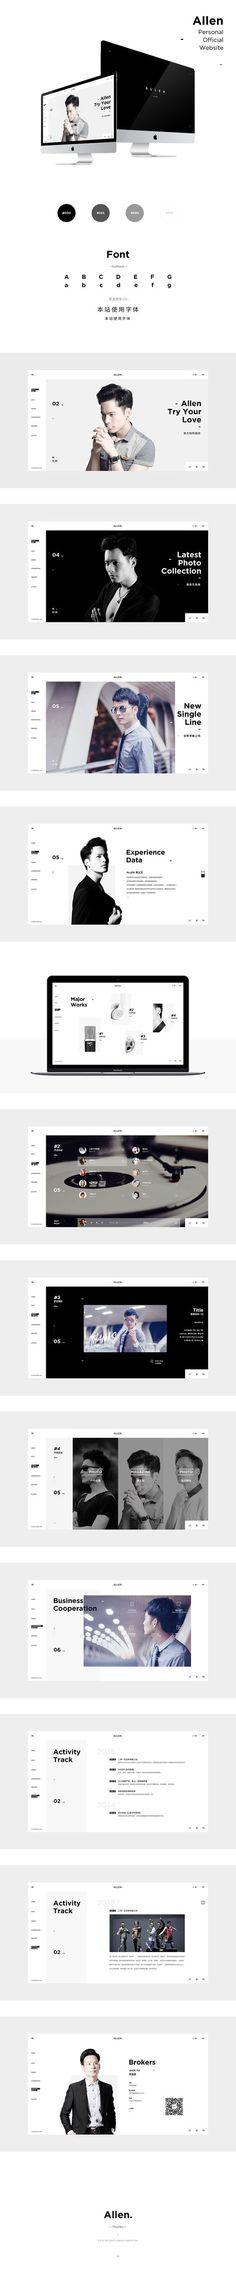 Allen. website